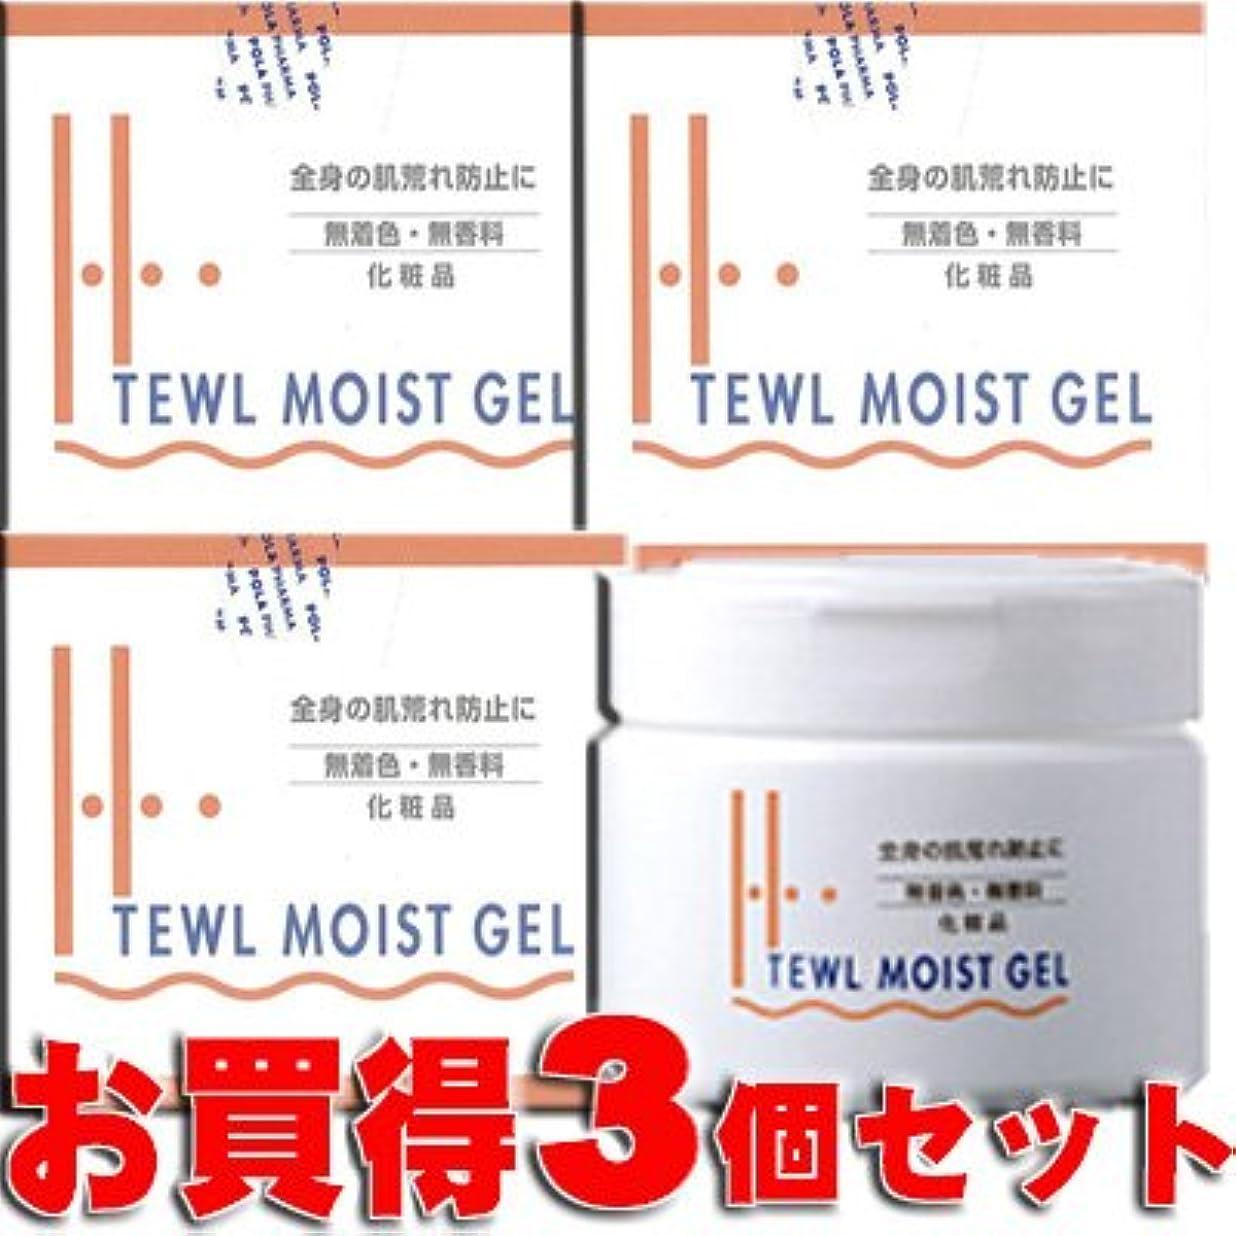 温度原点不適切な★お買得3個★ ハイテウル モイストジェル 300gx3個 (ポーラファルマ)エタノールや界面活性剤に敏感な方へおすすめするゲルクリームです。